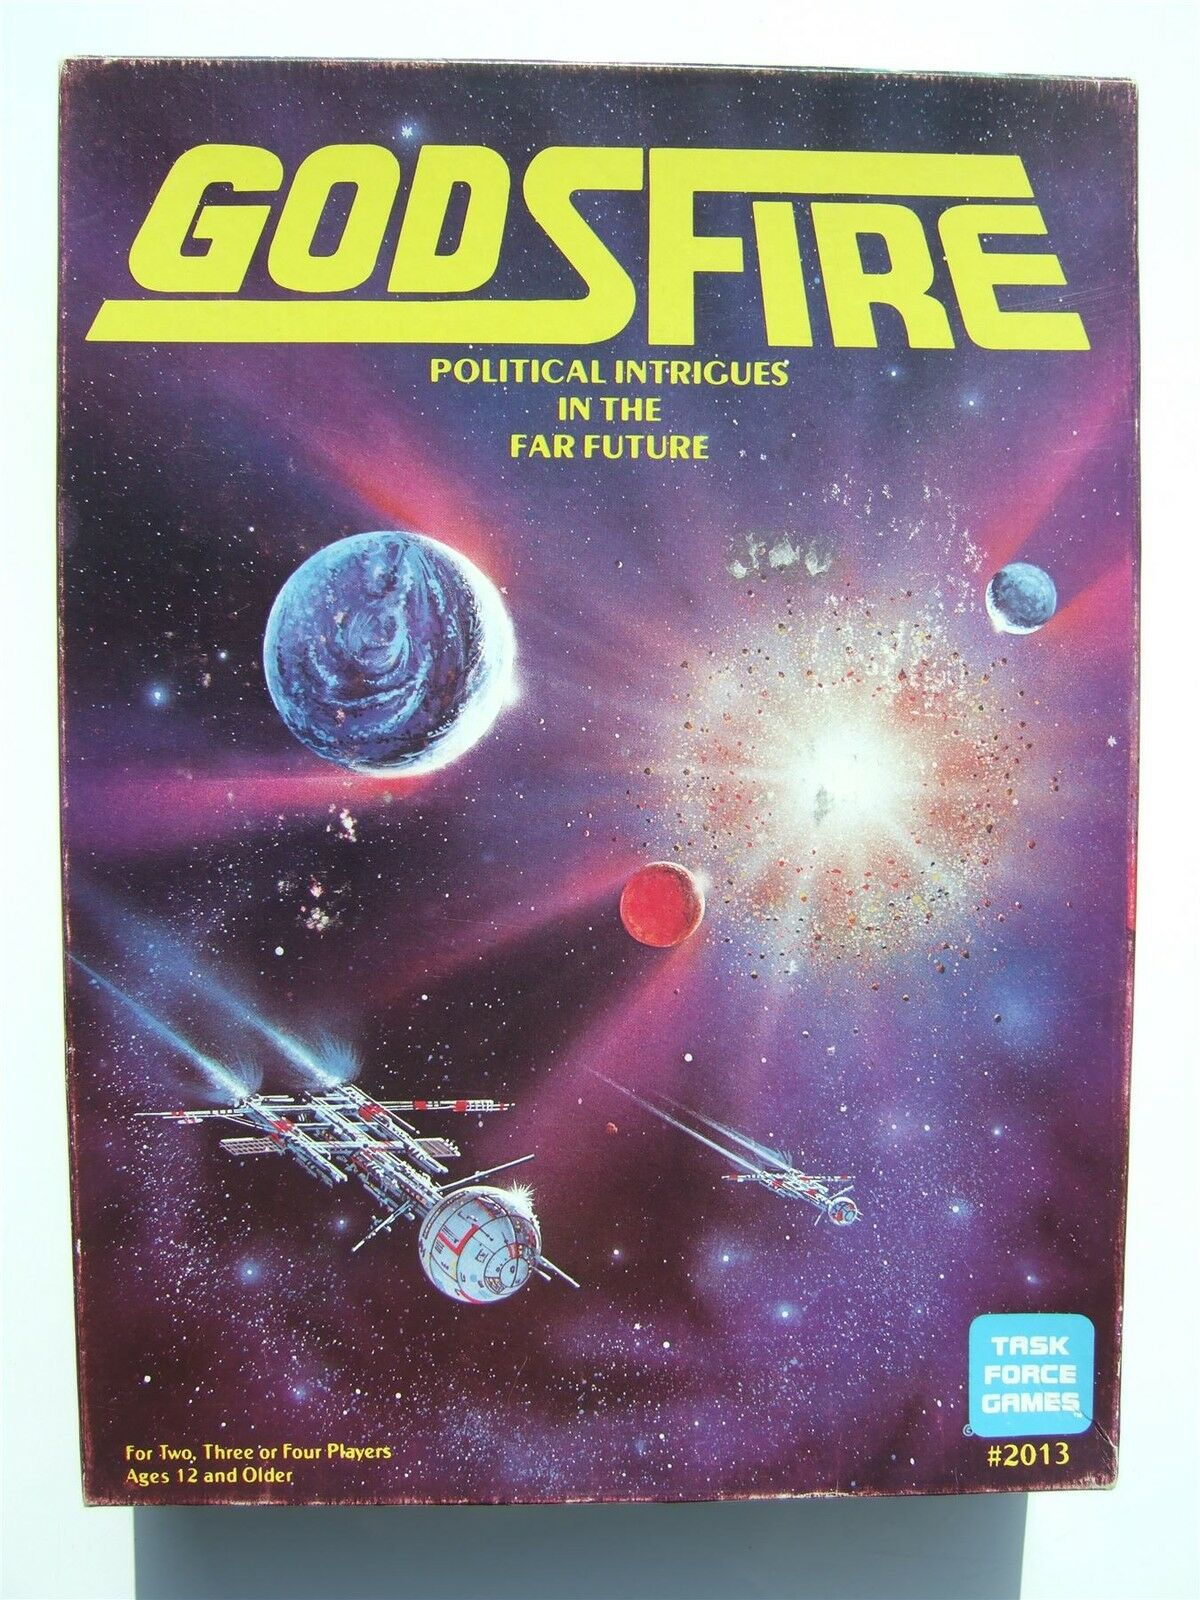 Godsfire, politische intrigen in der fernen zukunft durch die task force - spiele